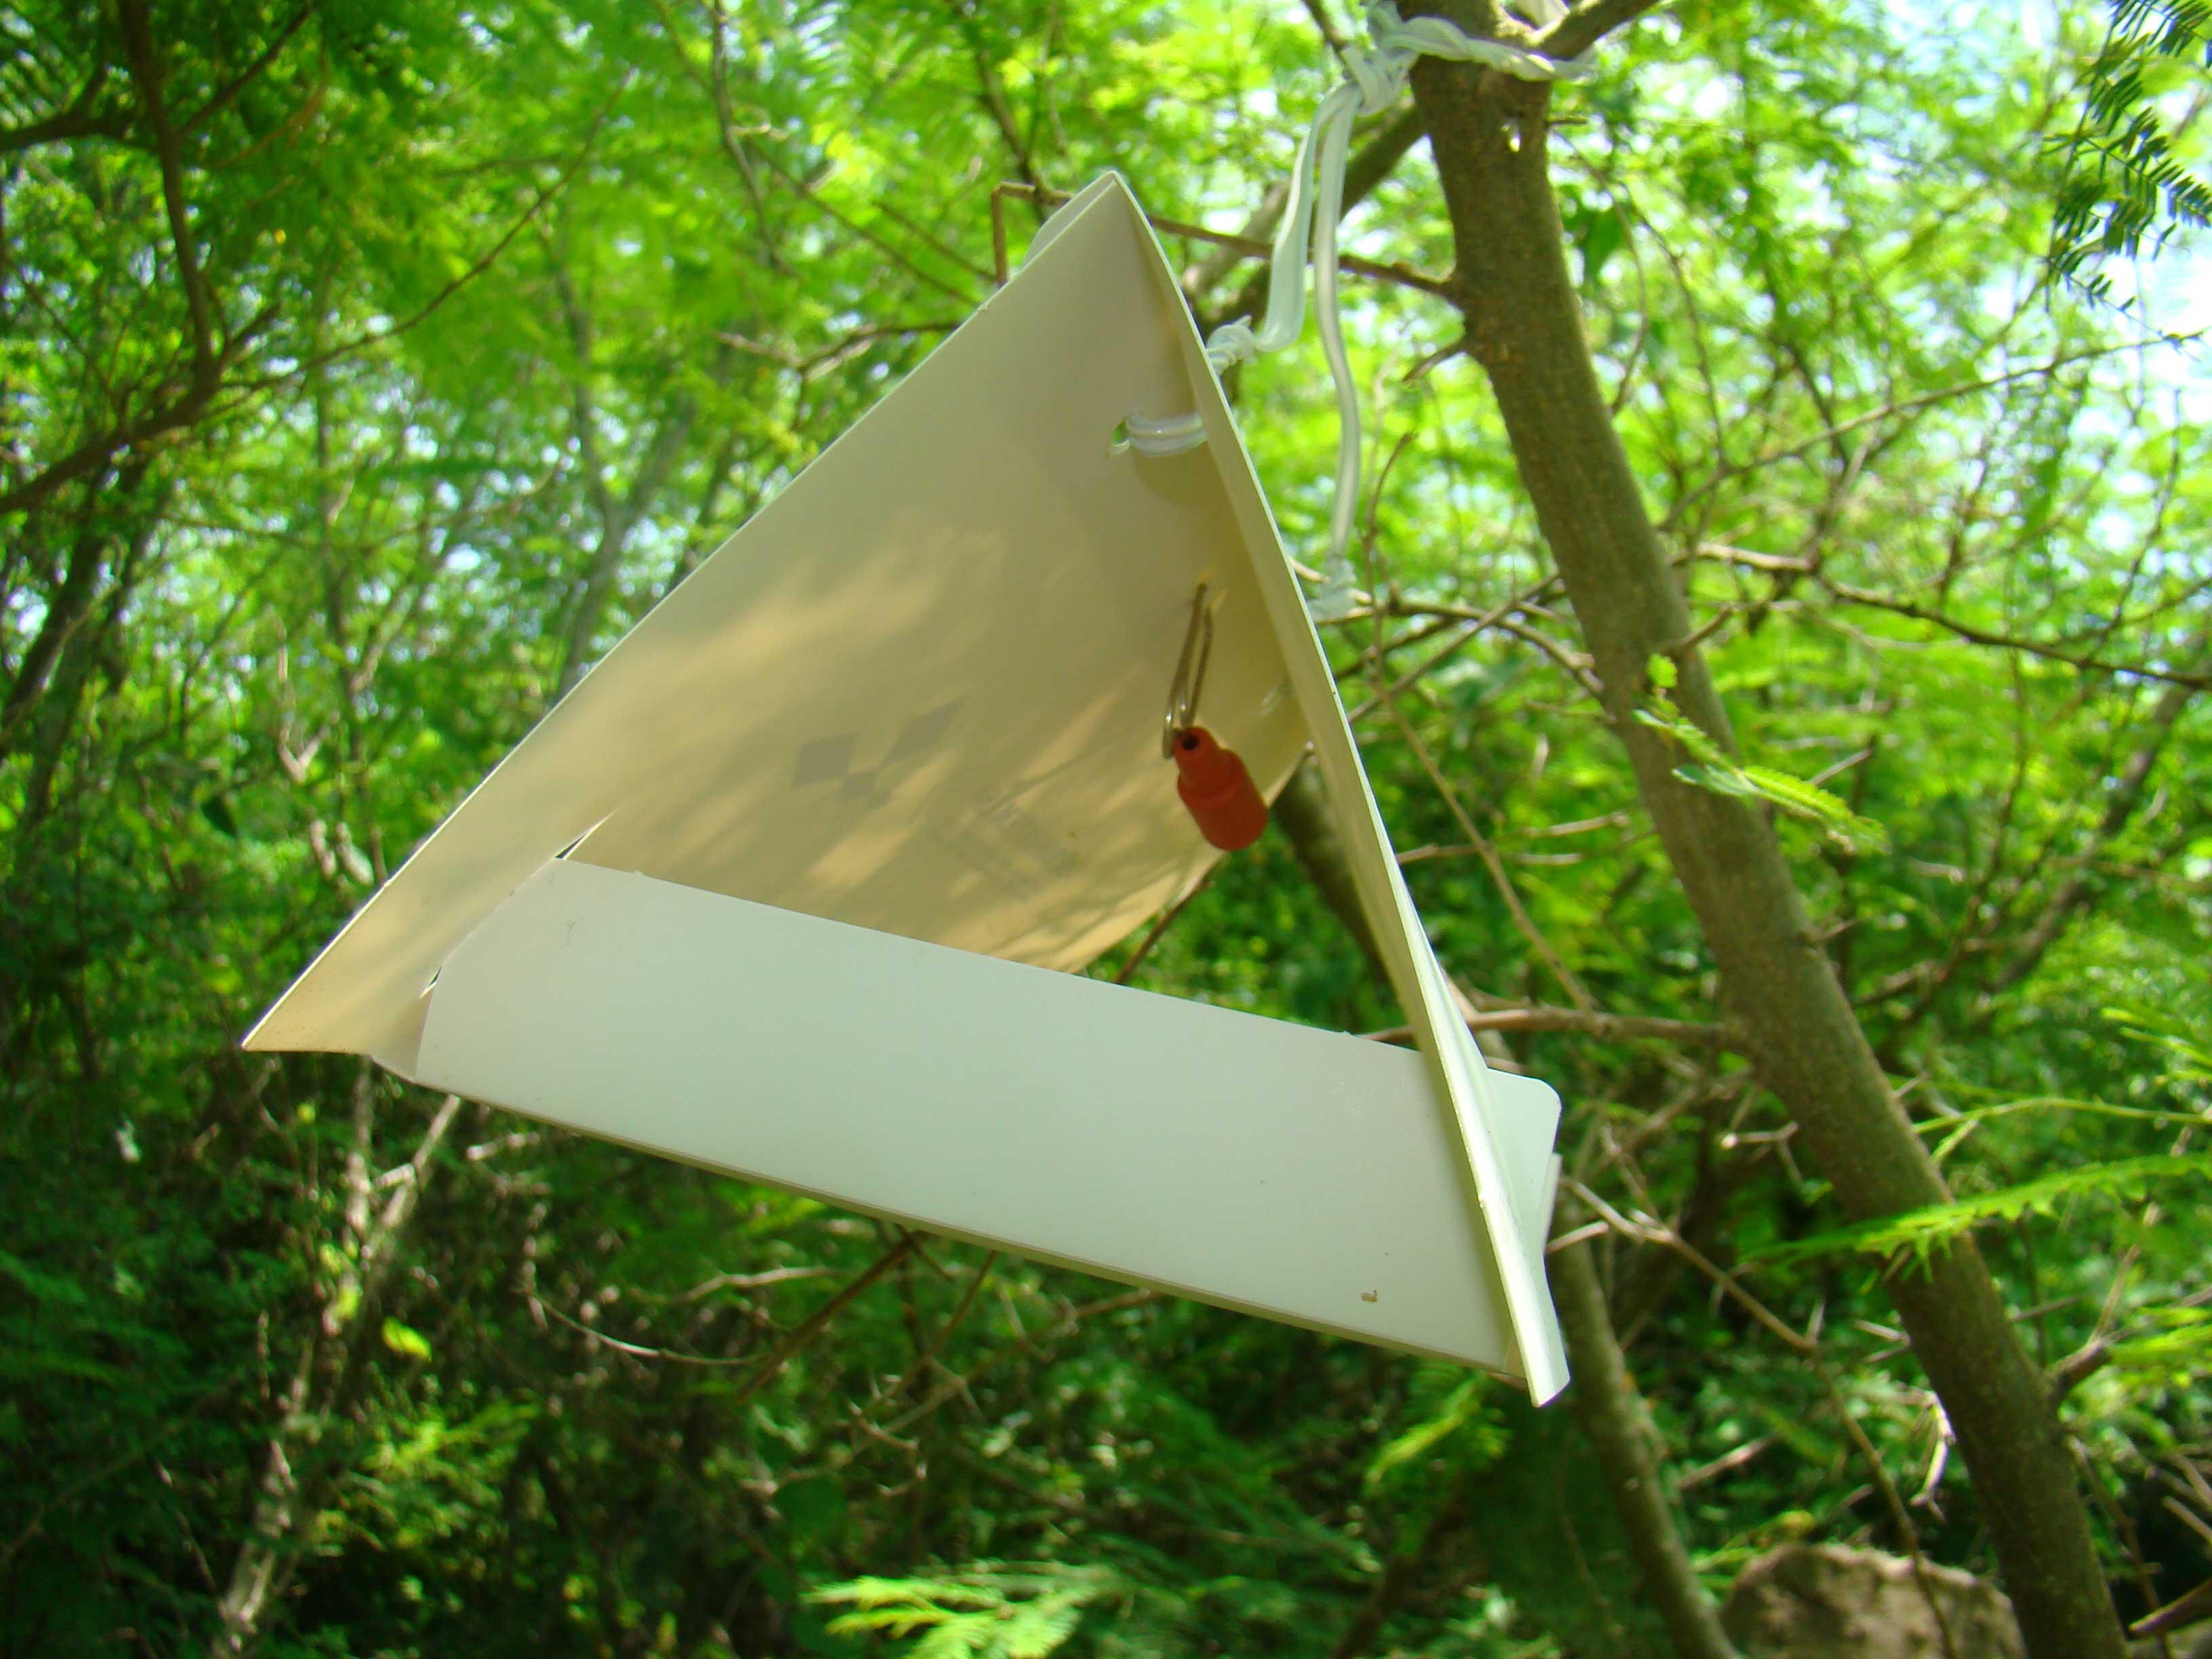 spodoptera-frugiperda-o-gusano-cogollero-15